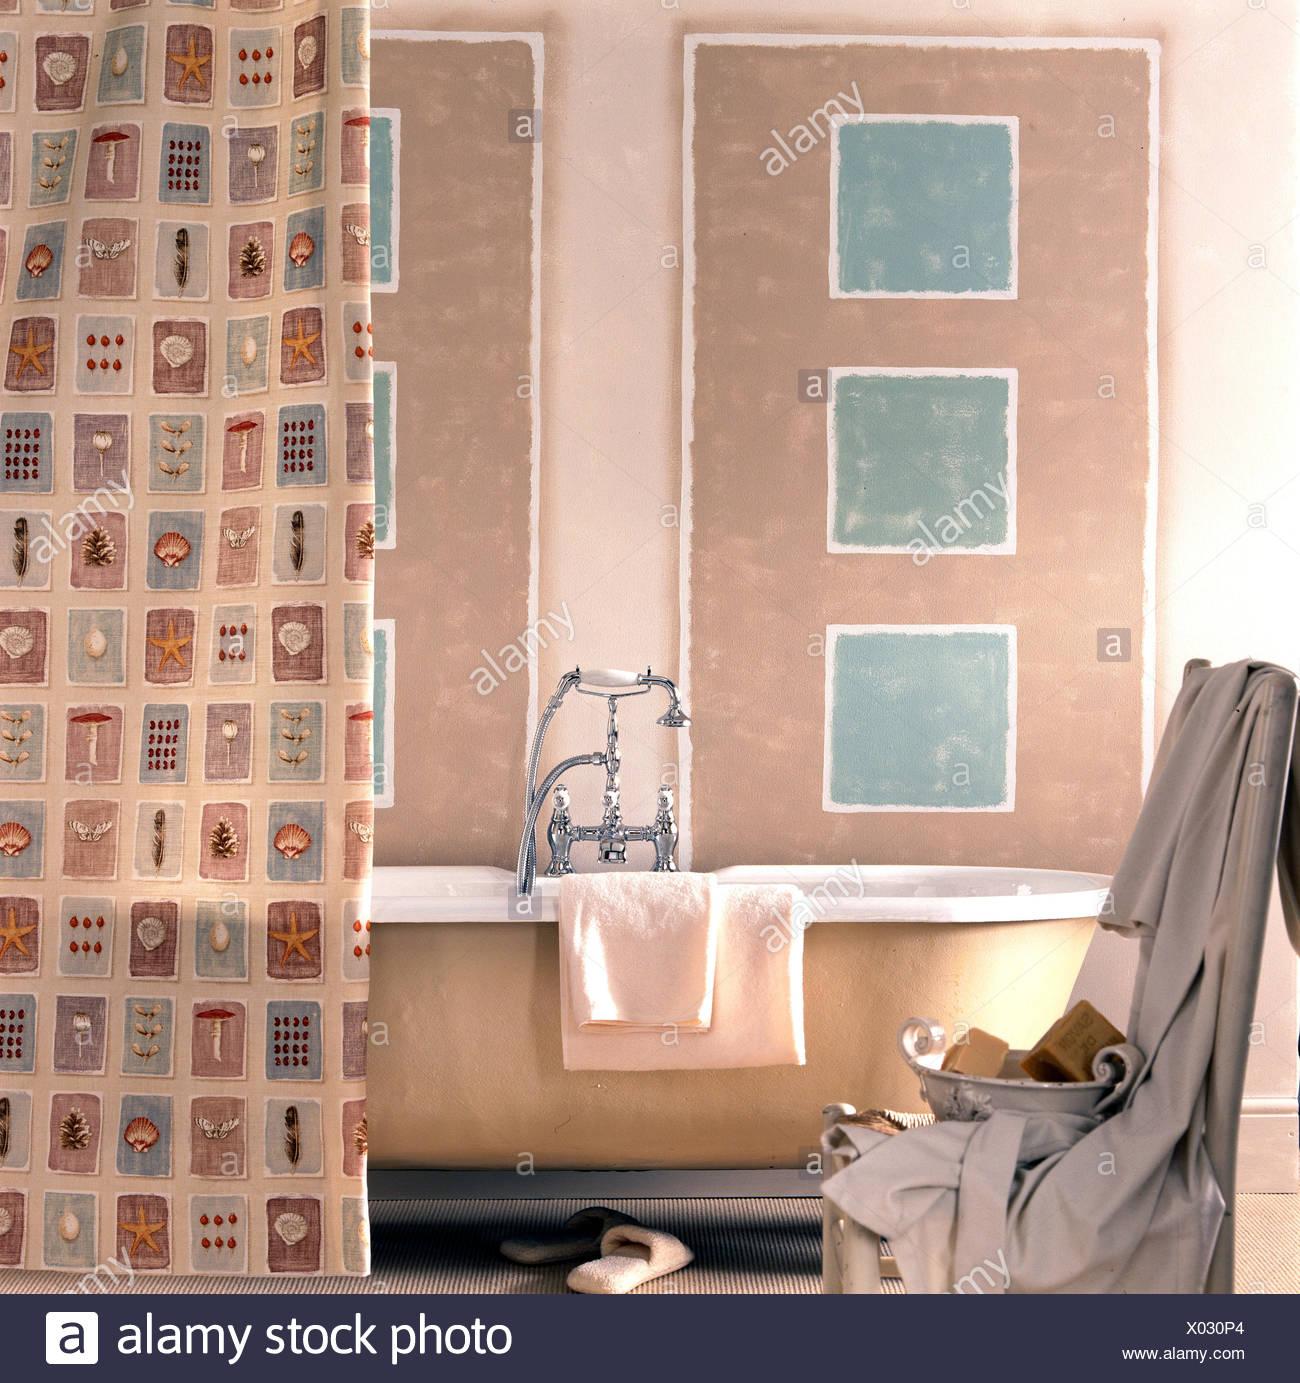 Fotos De Cuartos De Bano Pintados.Cuarto De Bano Con Paneles Pintados Y Cortina De Ducha